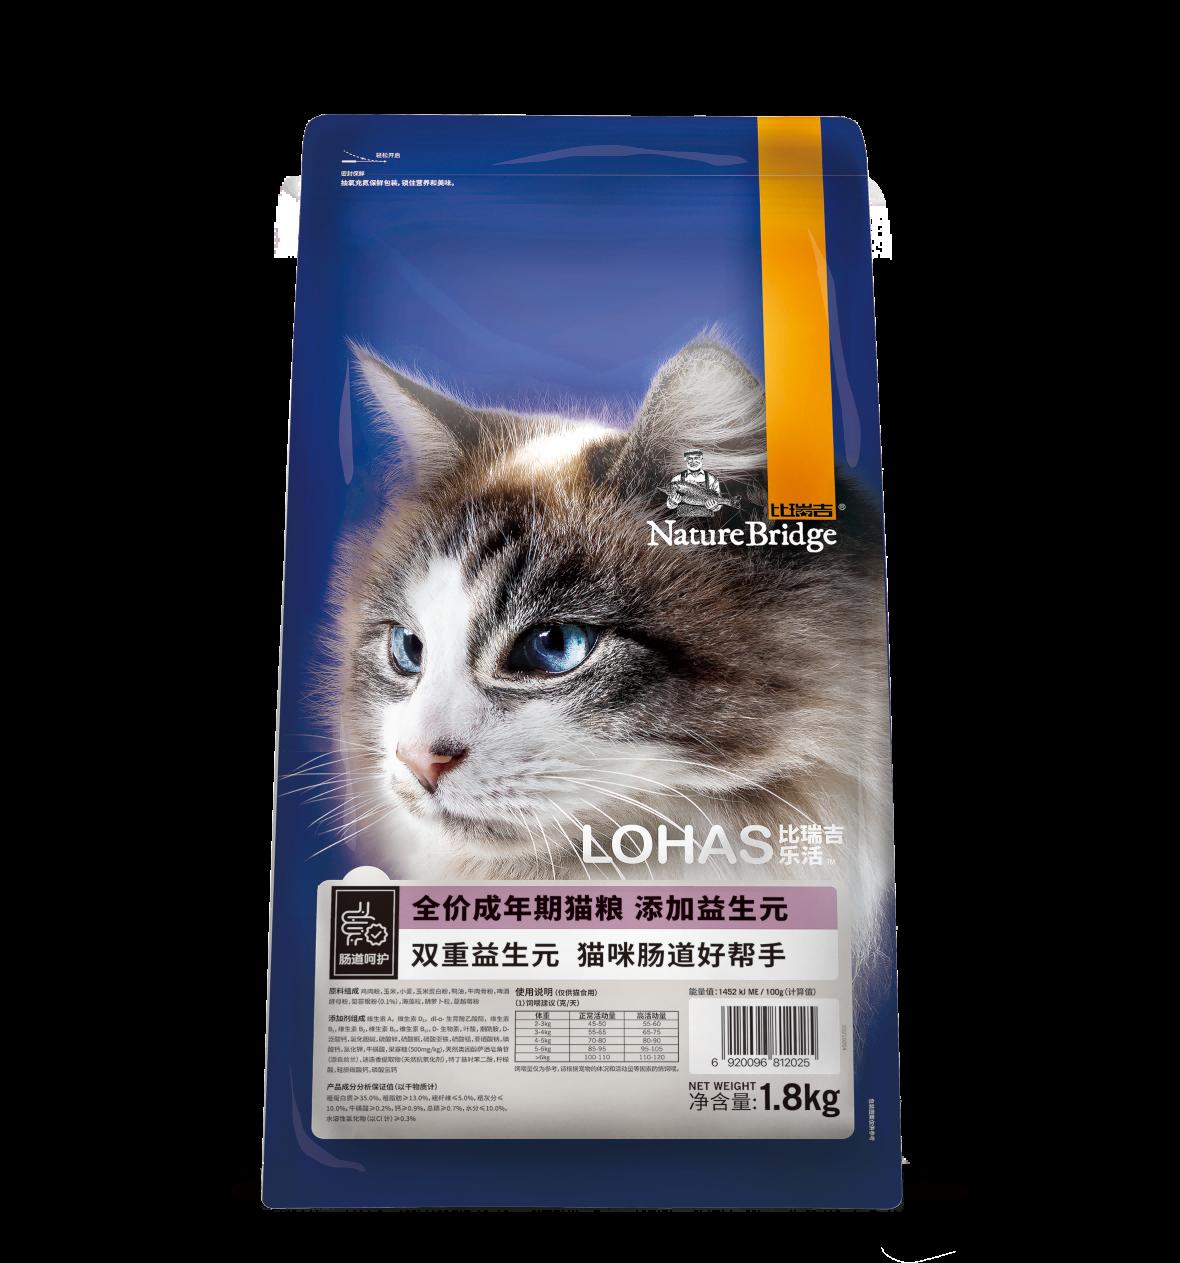 比瑞吉乐活全价成年期猫粮添加益生元